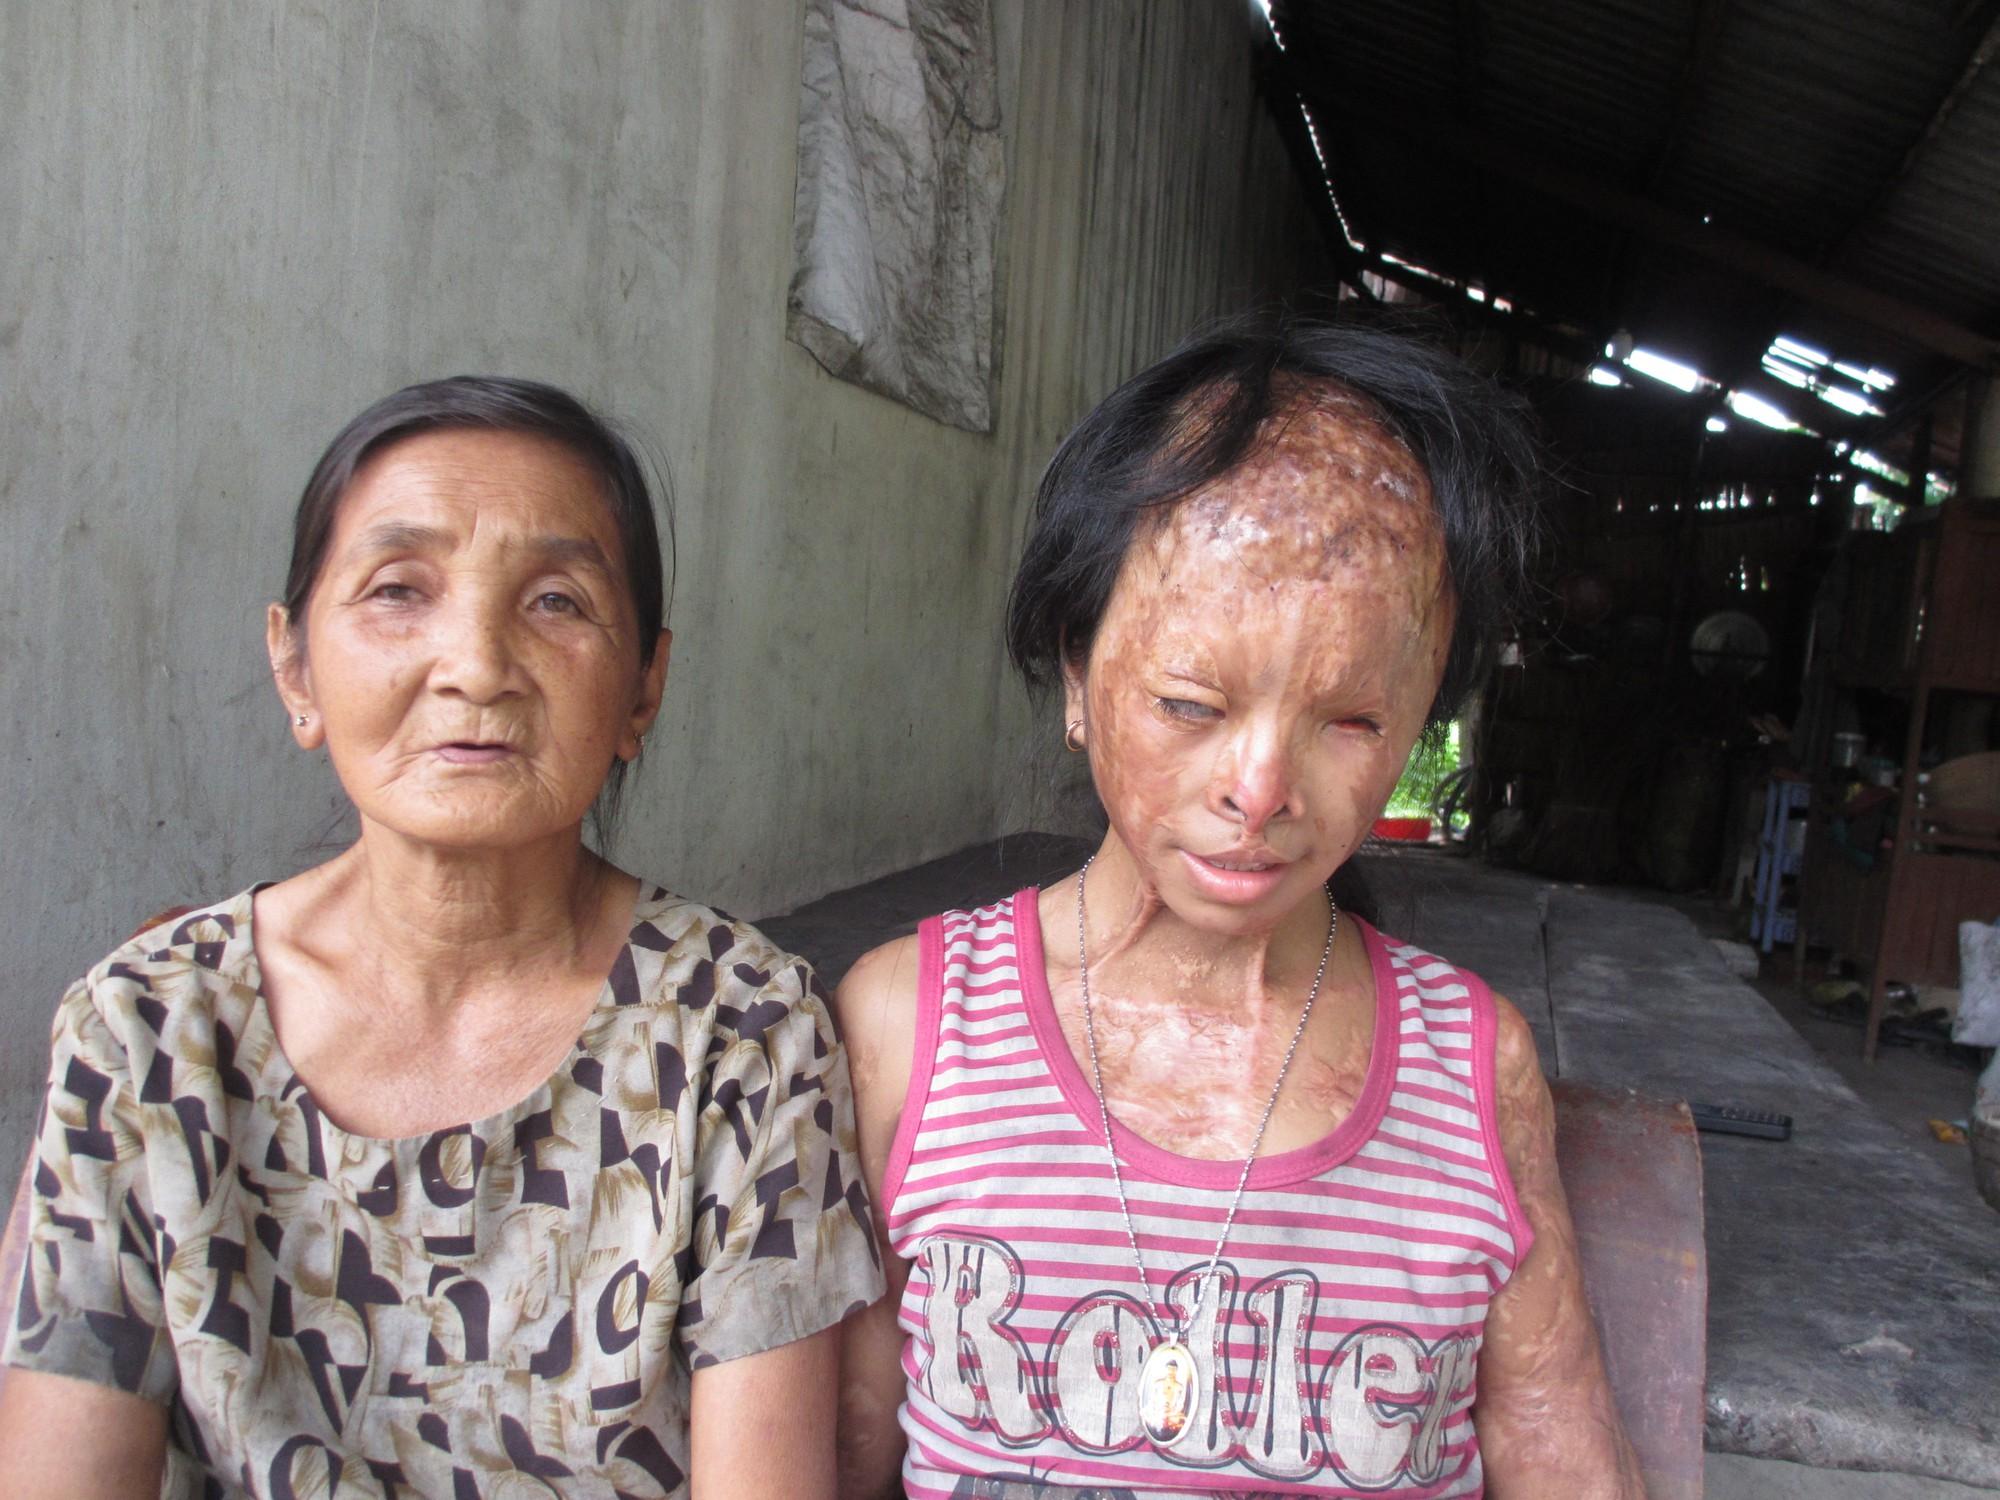 Bà nội bé gái bị tạt axit năm 7 tuổi vì mẹ giật chồng người khác: Tôi muốn xin đôi mắt của tử tù Nguyễn Hữu Tình để cứu cháu - Ảnh 1.